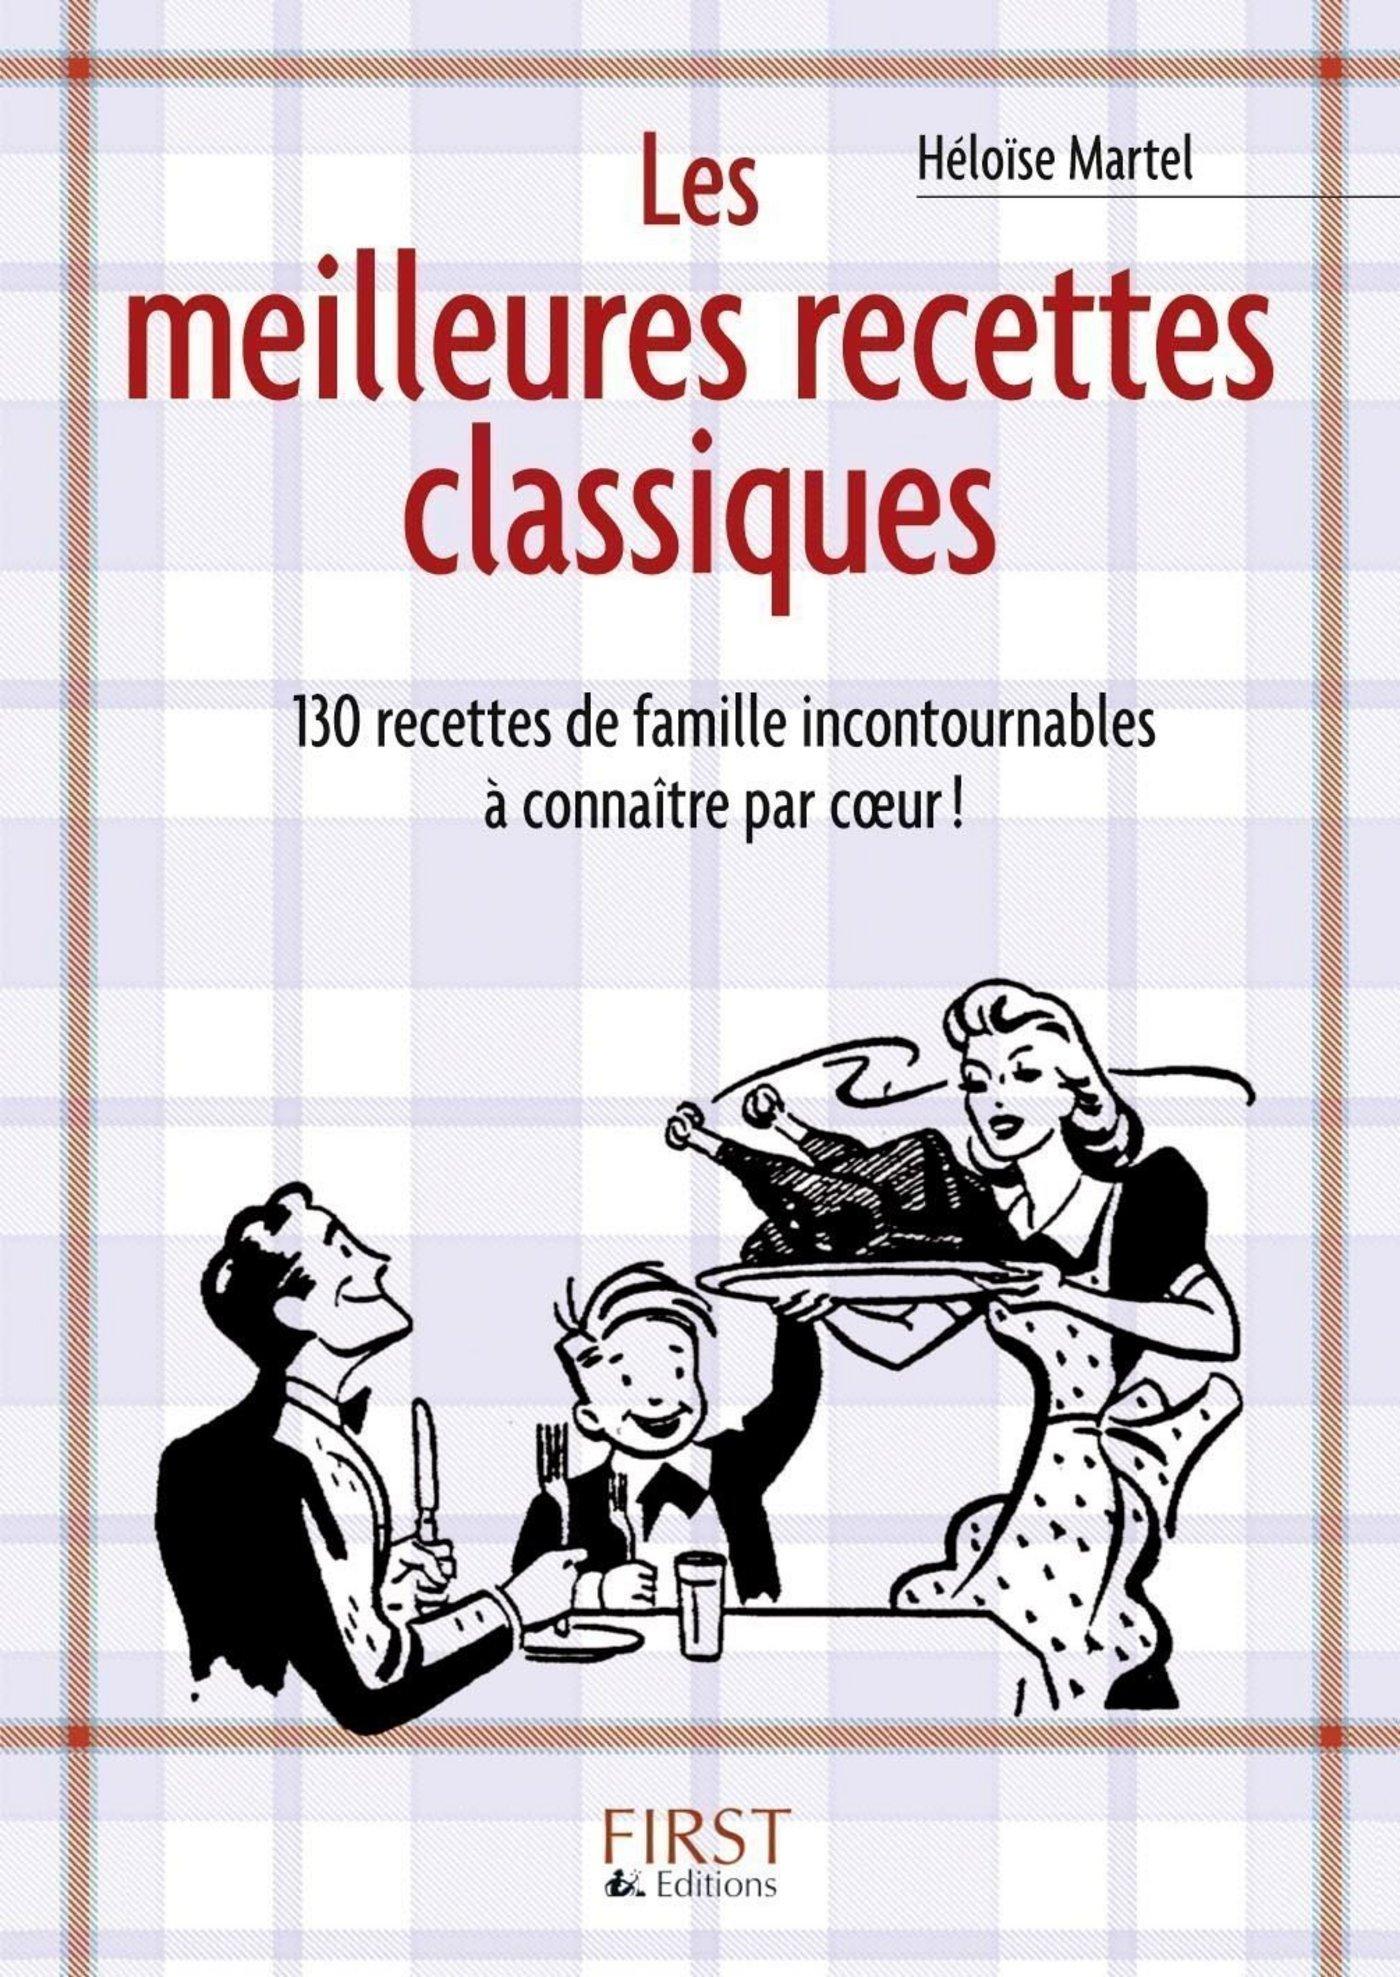 Le Petit Livre de - Les meilleures recettes classiques